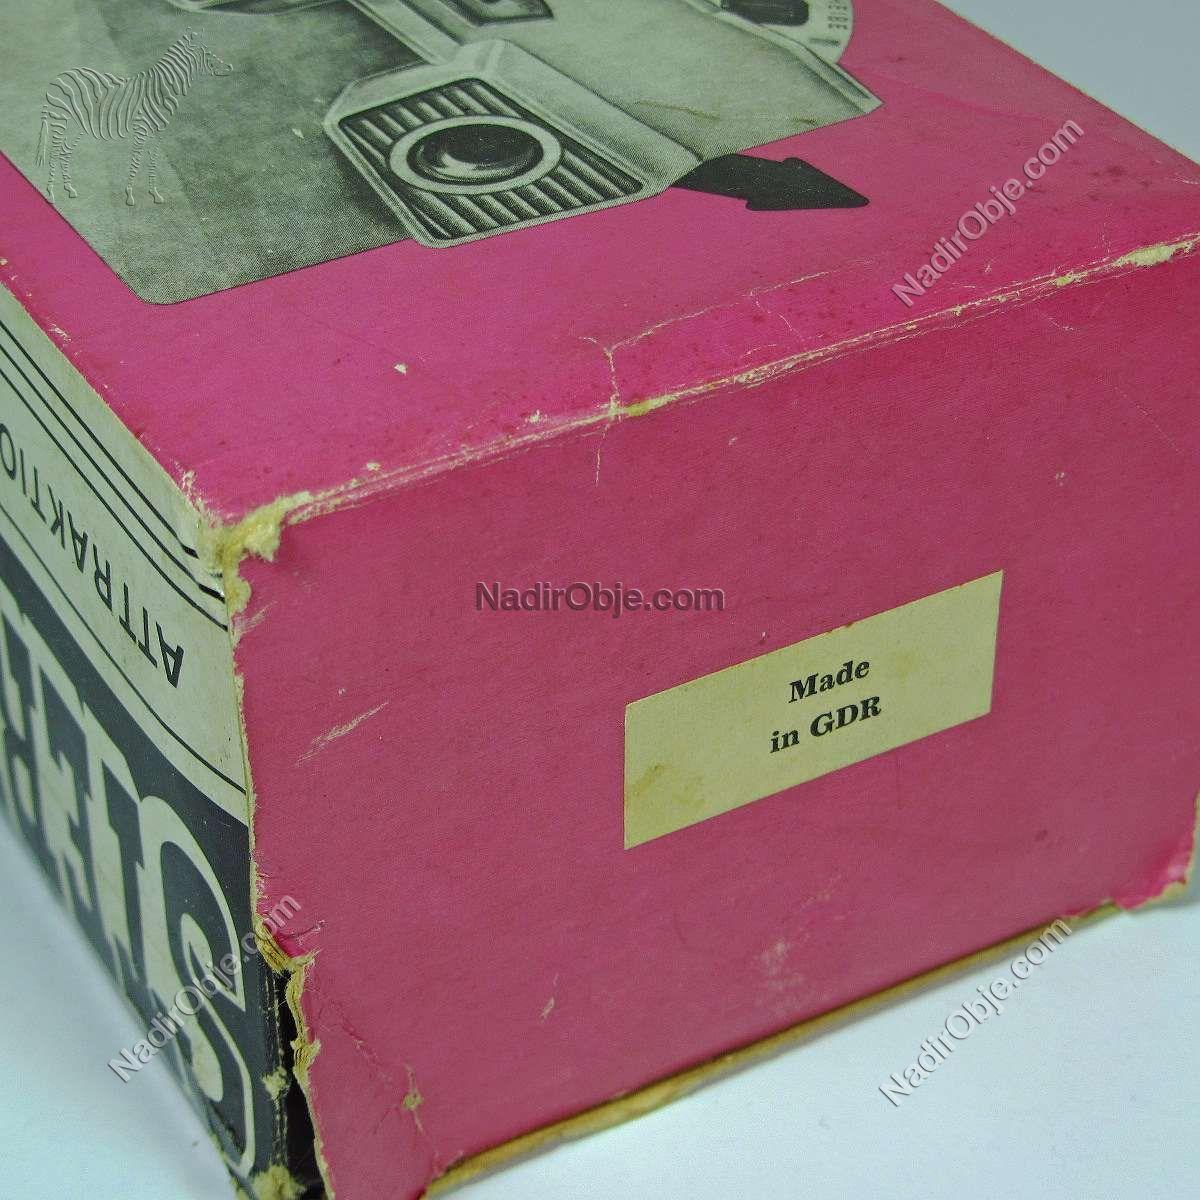 GDR (Doğu Almanya) Üretimi Stereobox + 3 Film Diğer Objeler 3 boyutlu